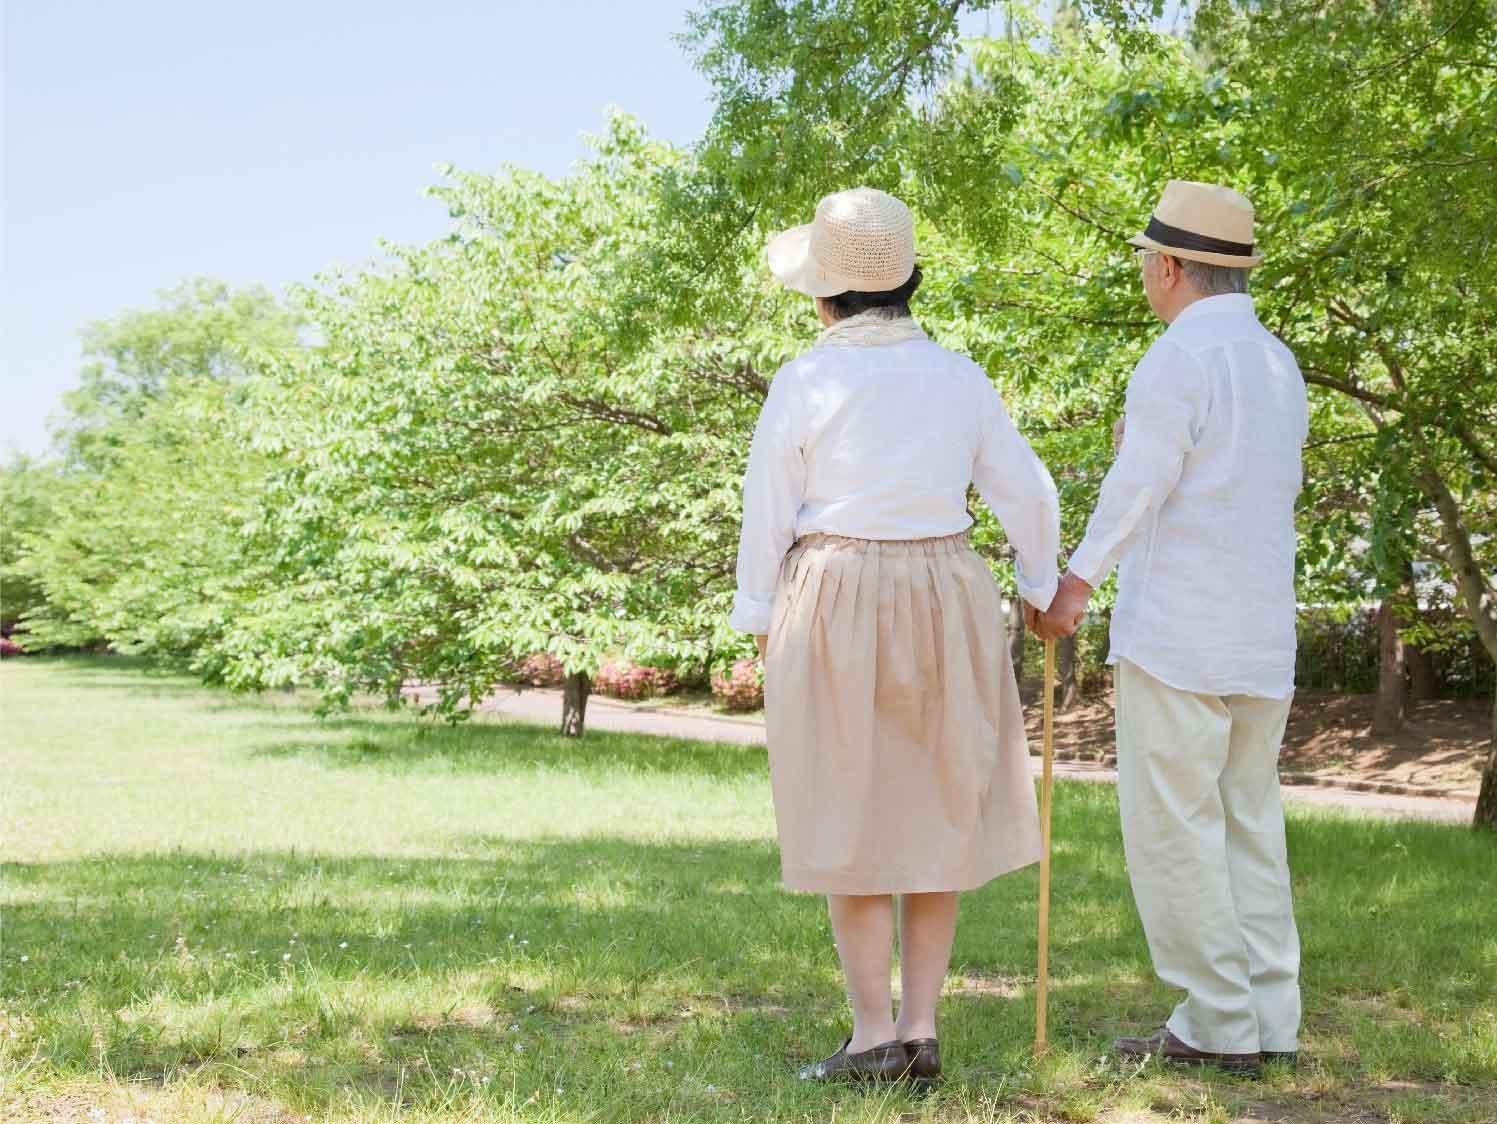 โรคกระดูกพรุนในผู้สูงอายุ